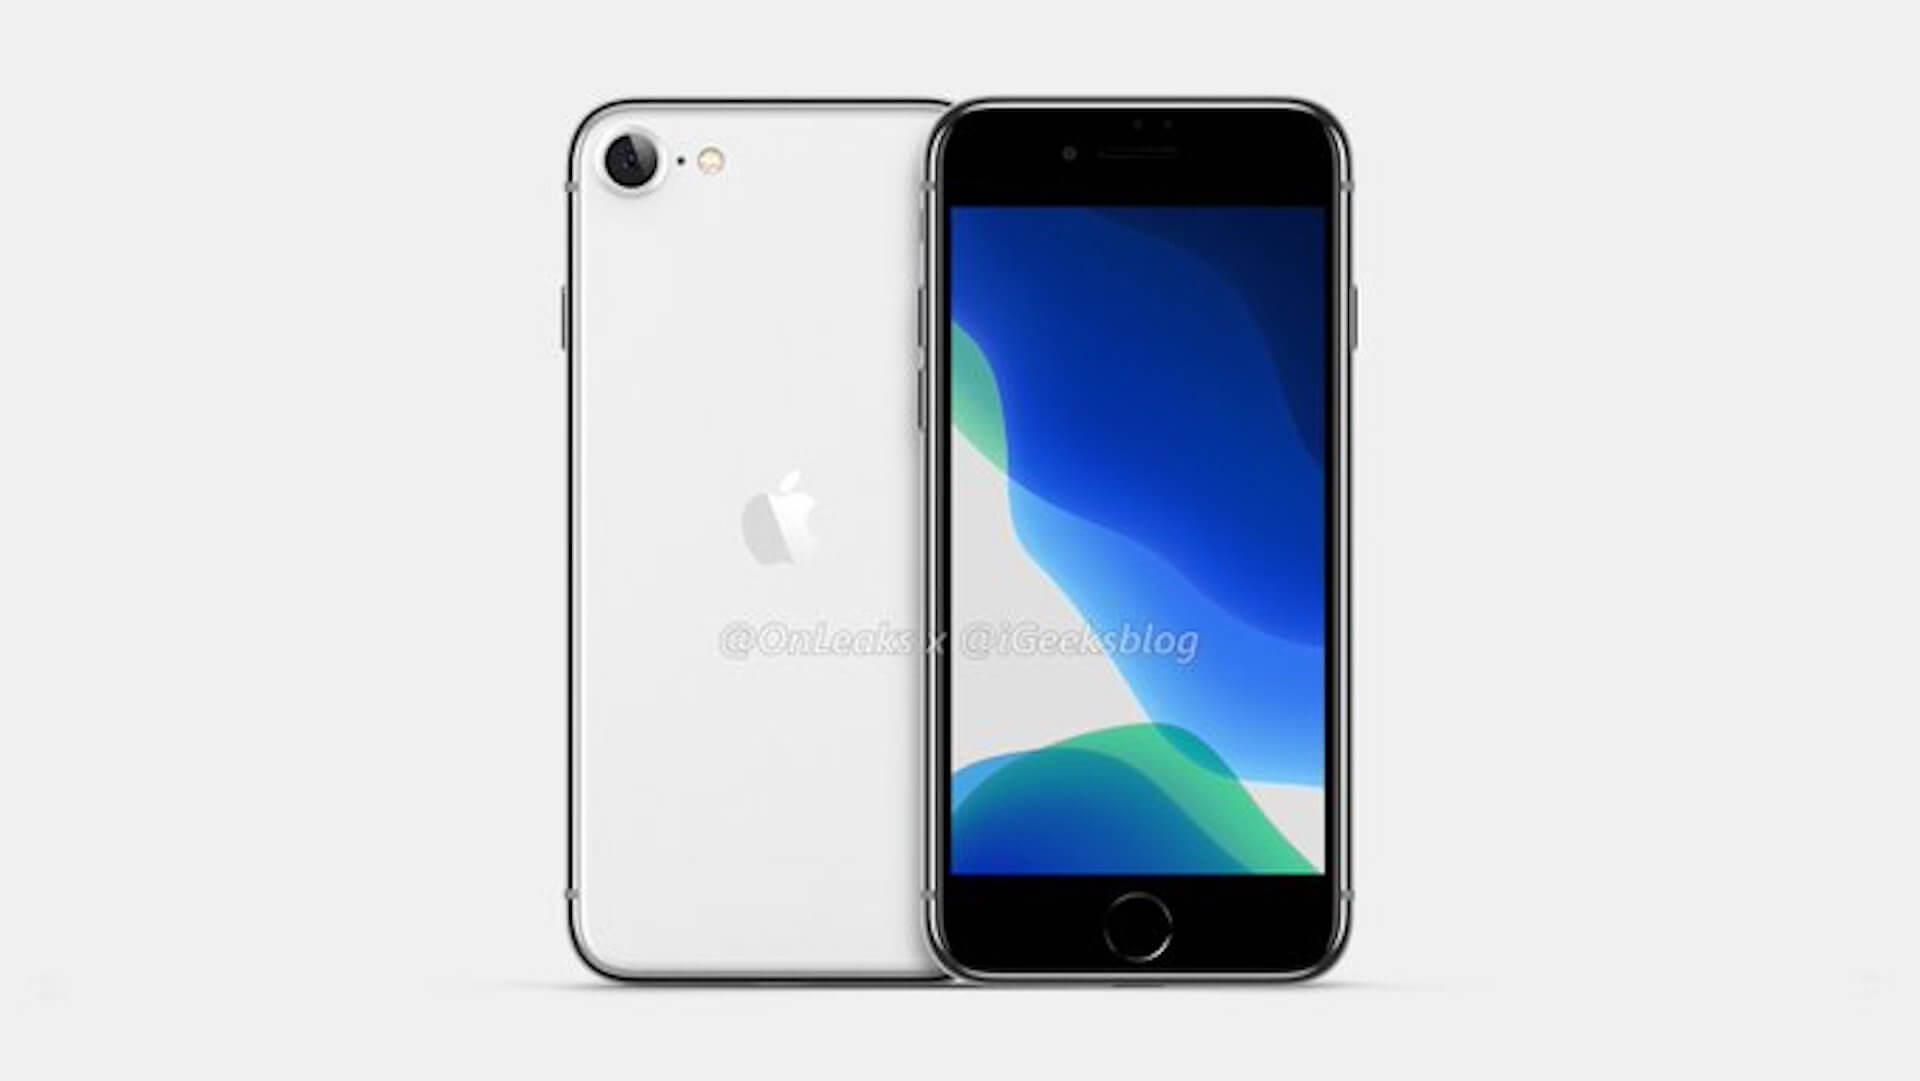 iPhone SE 2、ついに試験生産が開始か|3月に399ドルで発売? tech200203_iphonese2_1